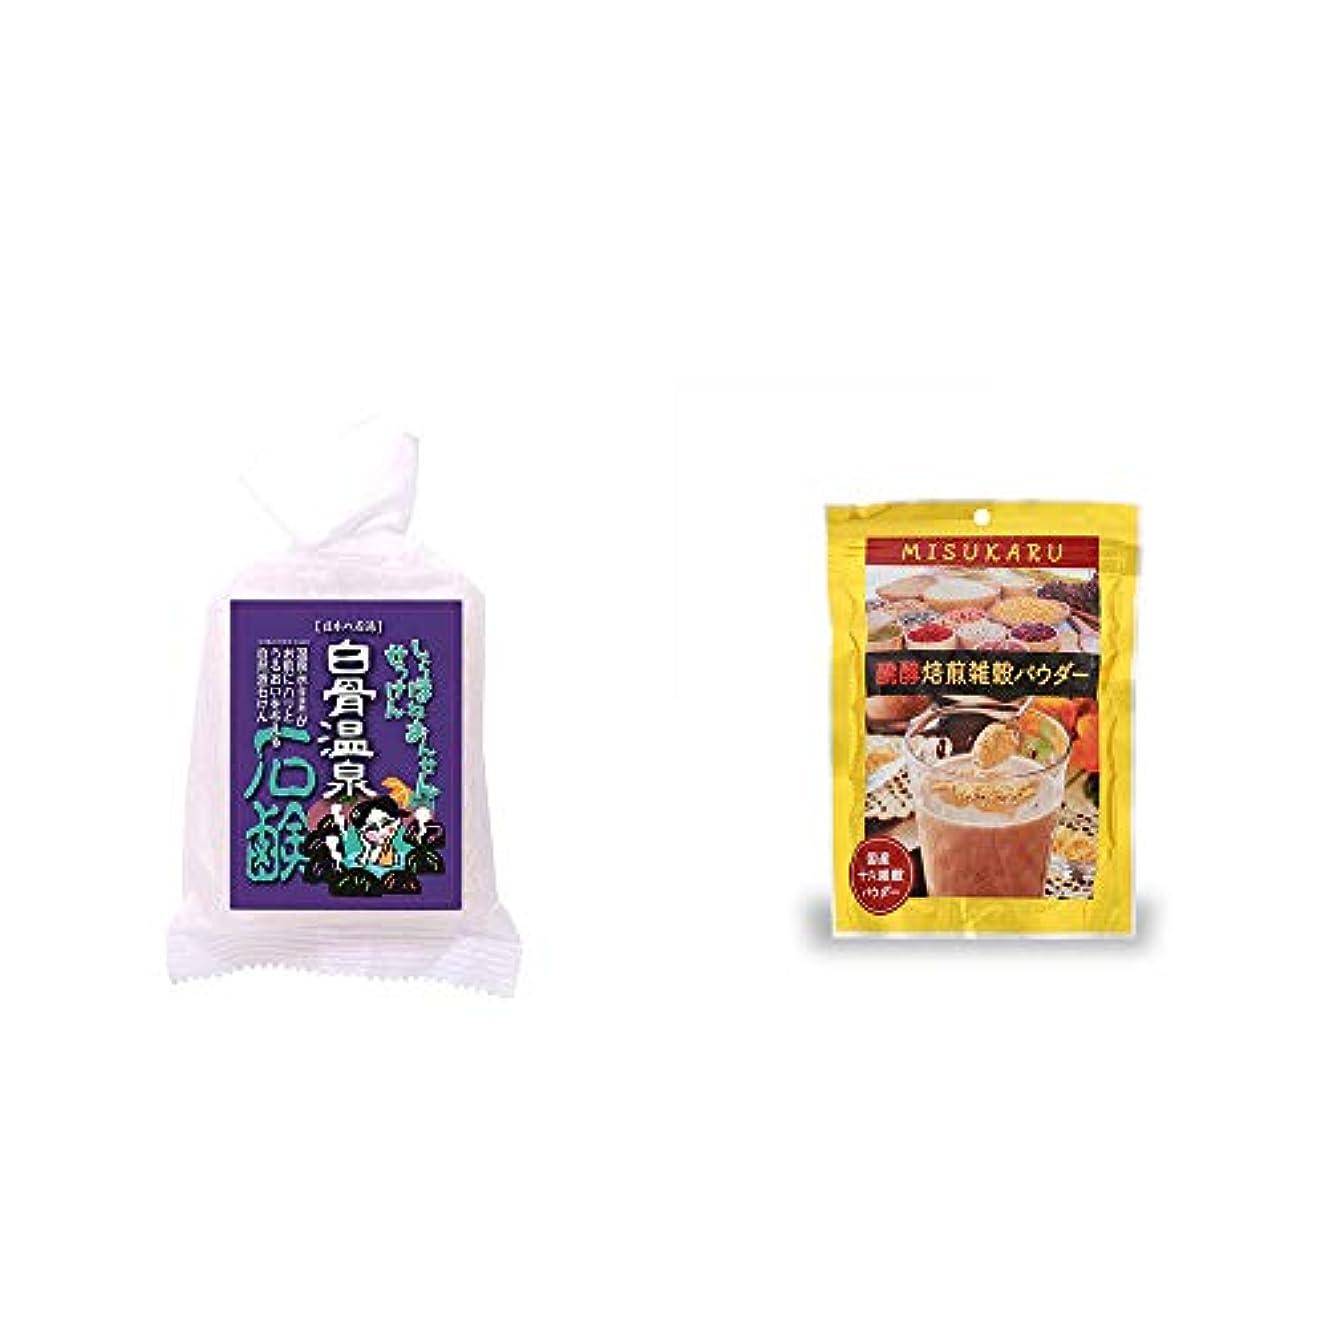 貧しいブリーフケースイソギンチャク[2点セット] 信州 白骨温泉石鹸(80g)?醗酵焙煎雑穀パウダー MISUKARU(ミスカル)(200g)